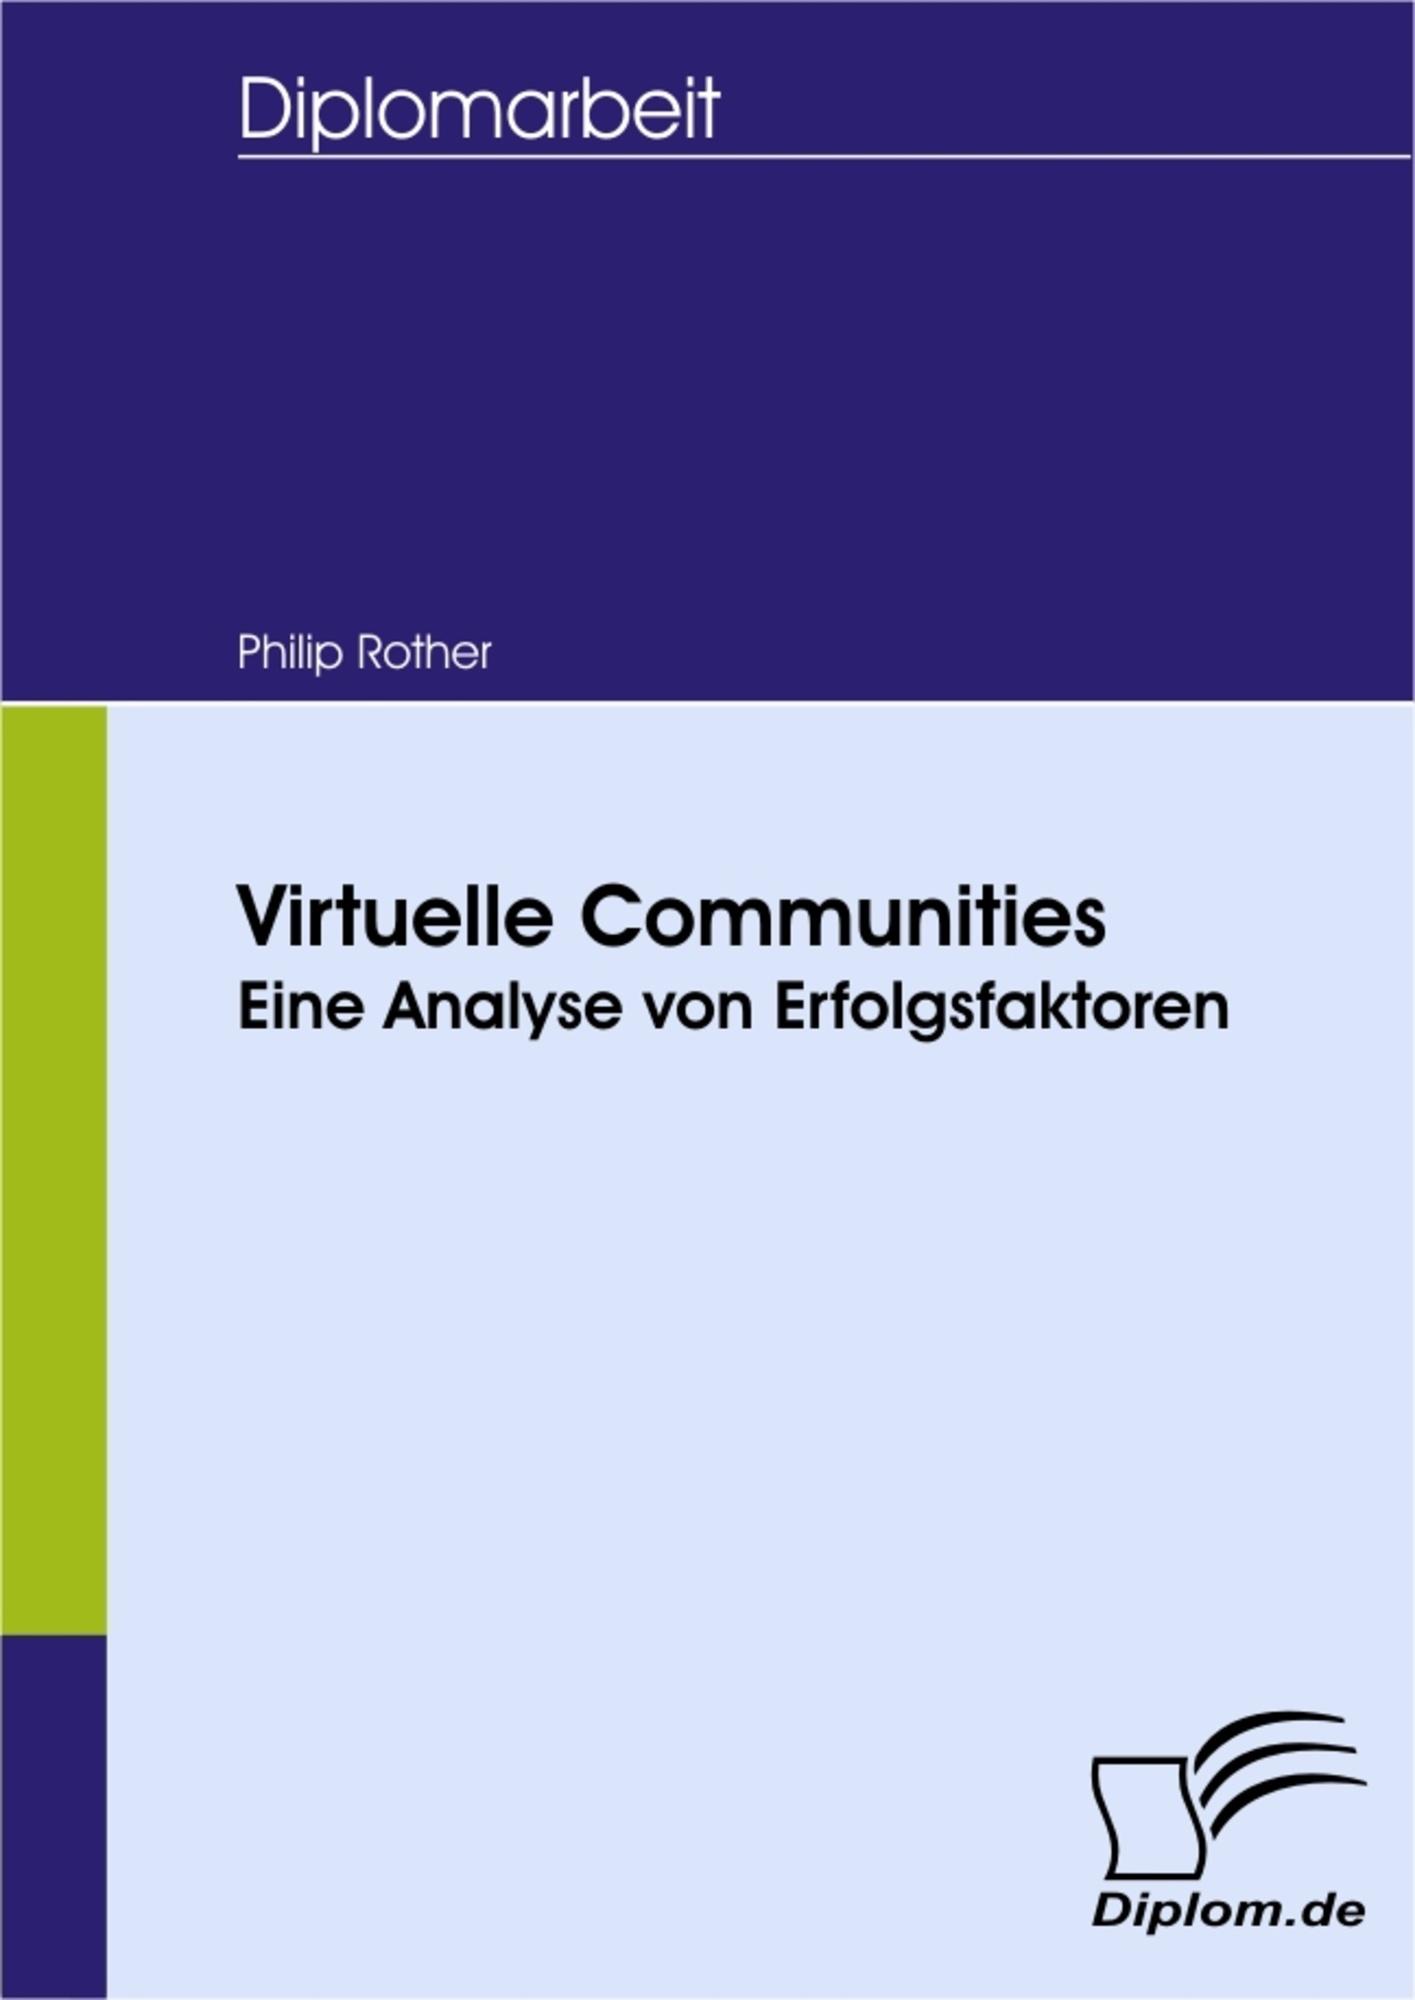 Virtuelle Communities - Eine Analyse von Erfolgsfaktoren